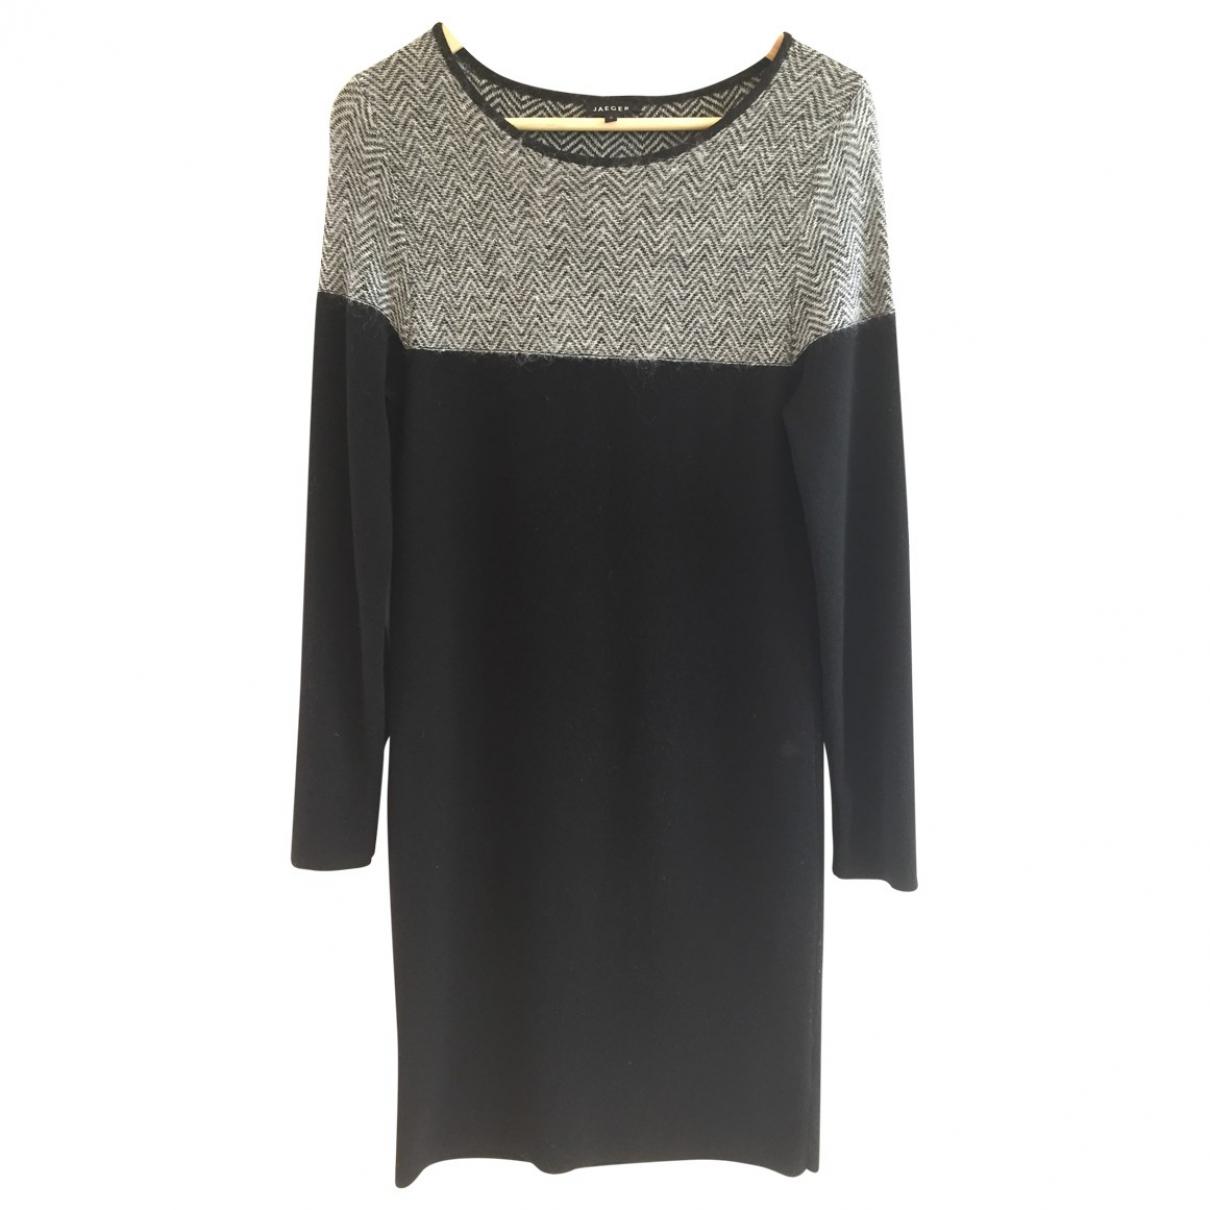 Jaeger \N Kleid in  Schwarz Wolle